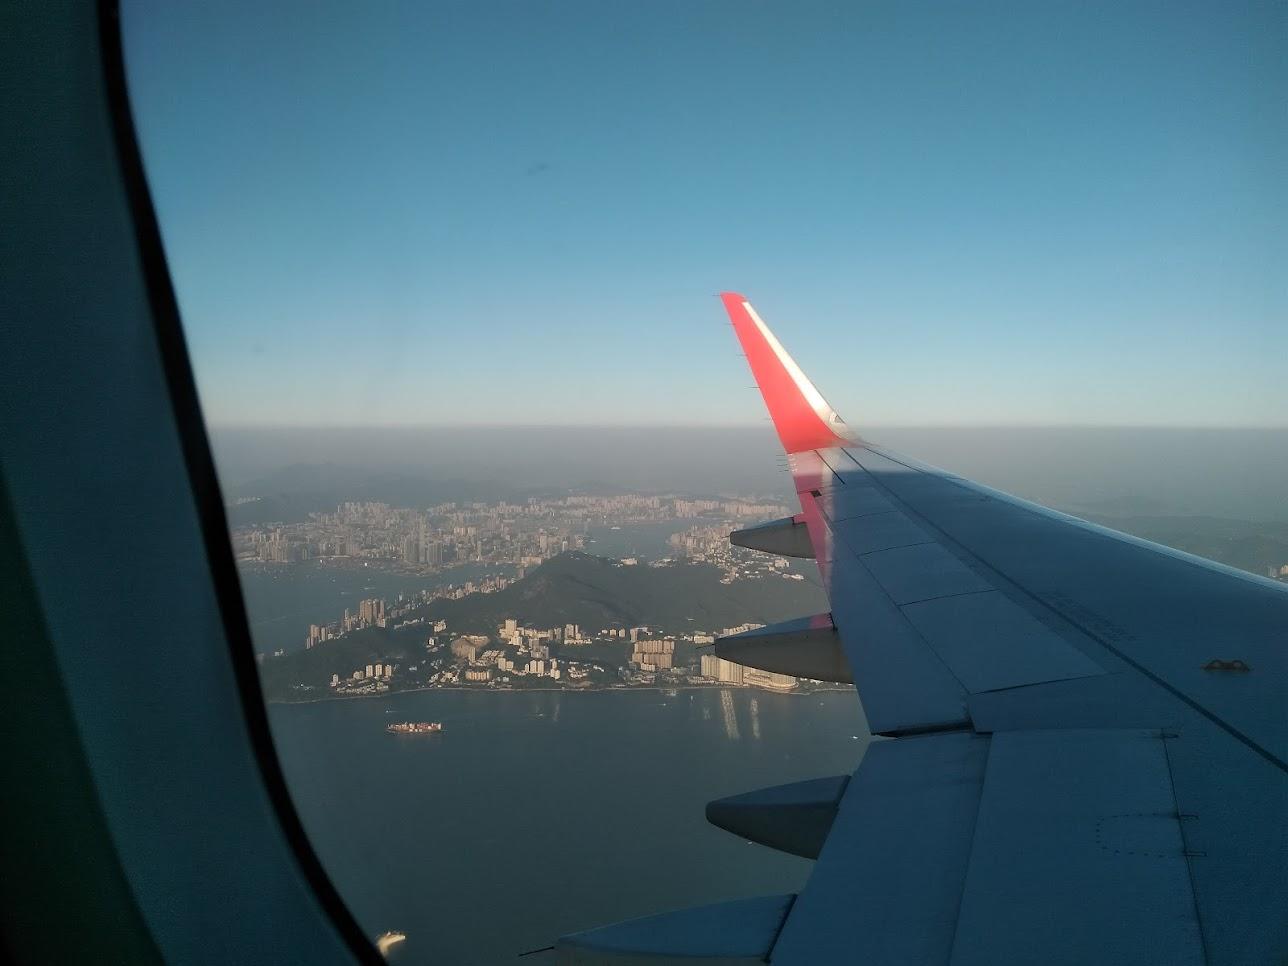 飛行機からみたモンゴル